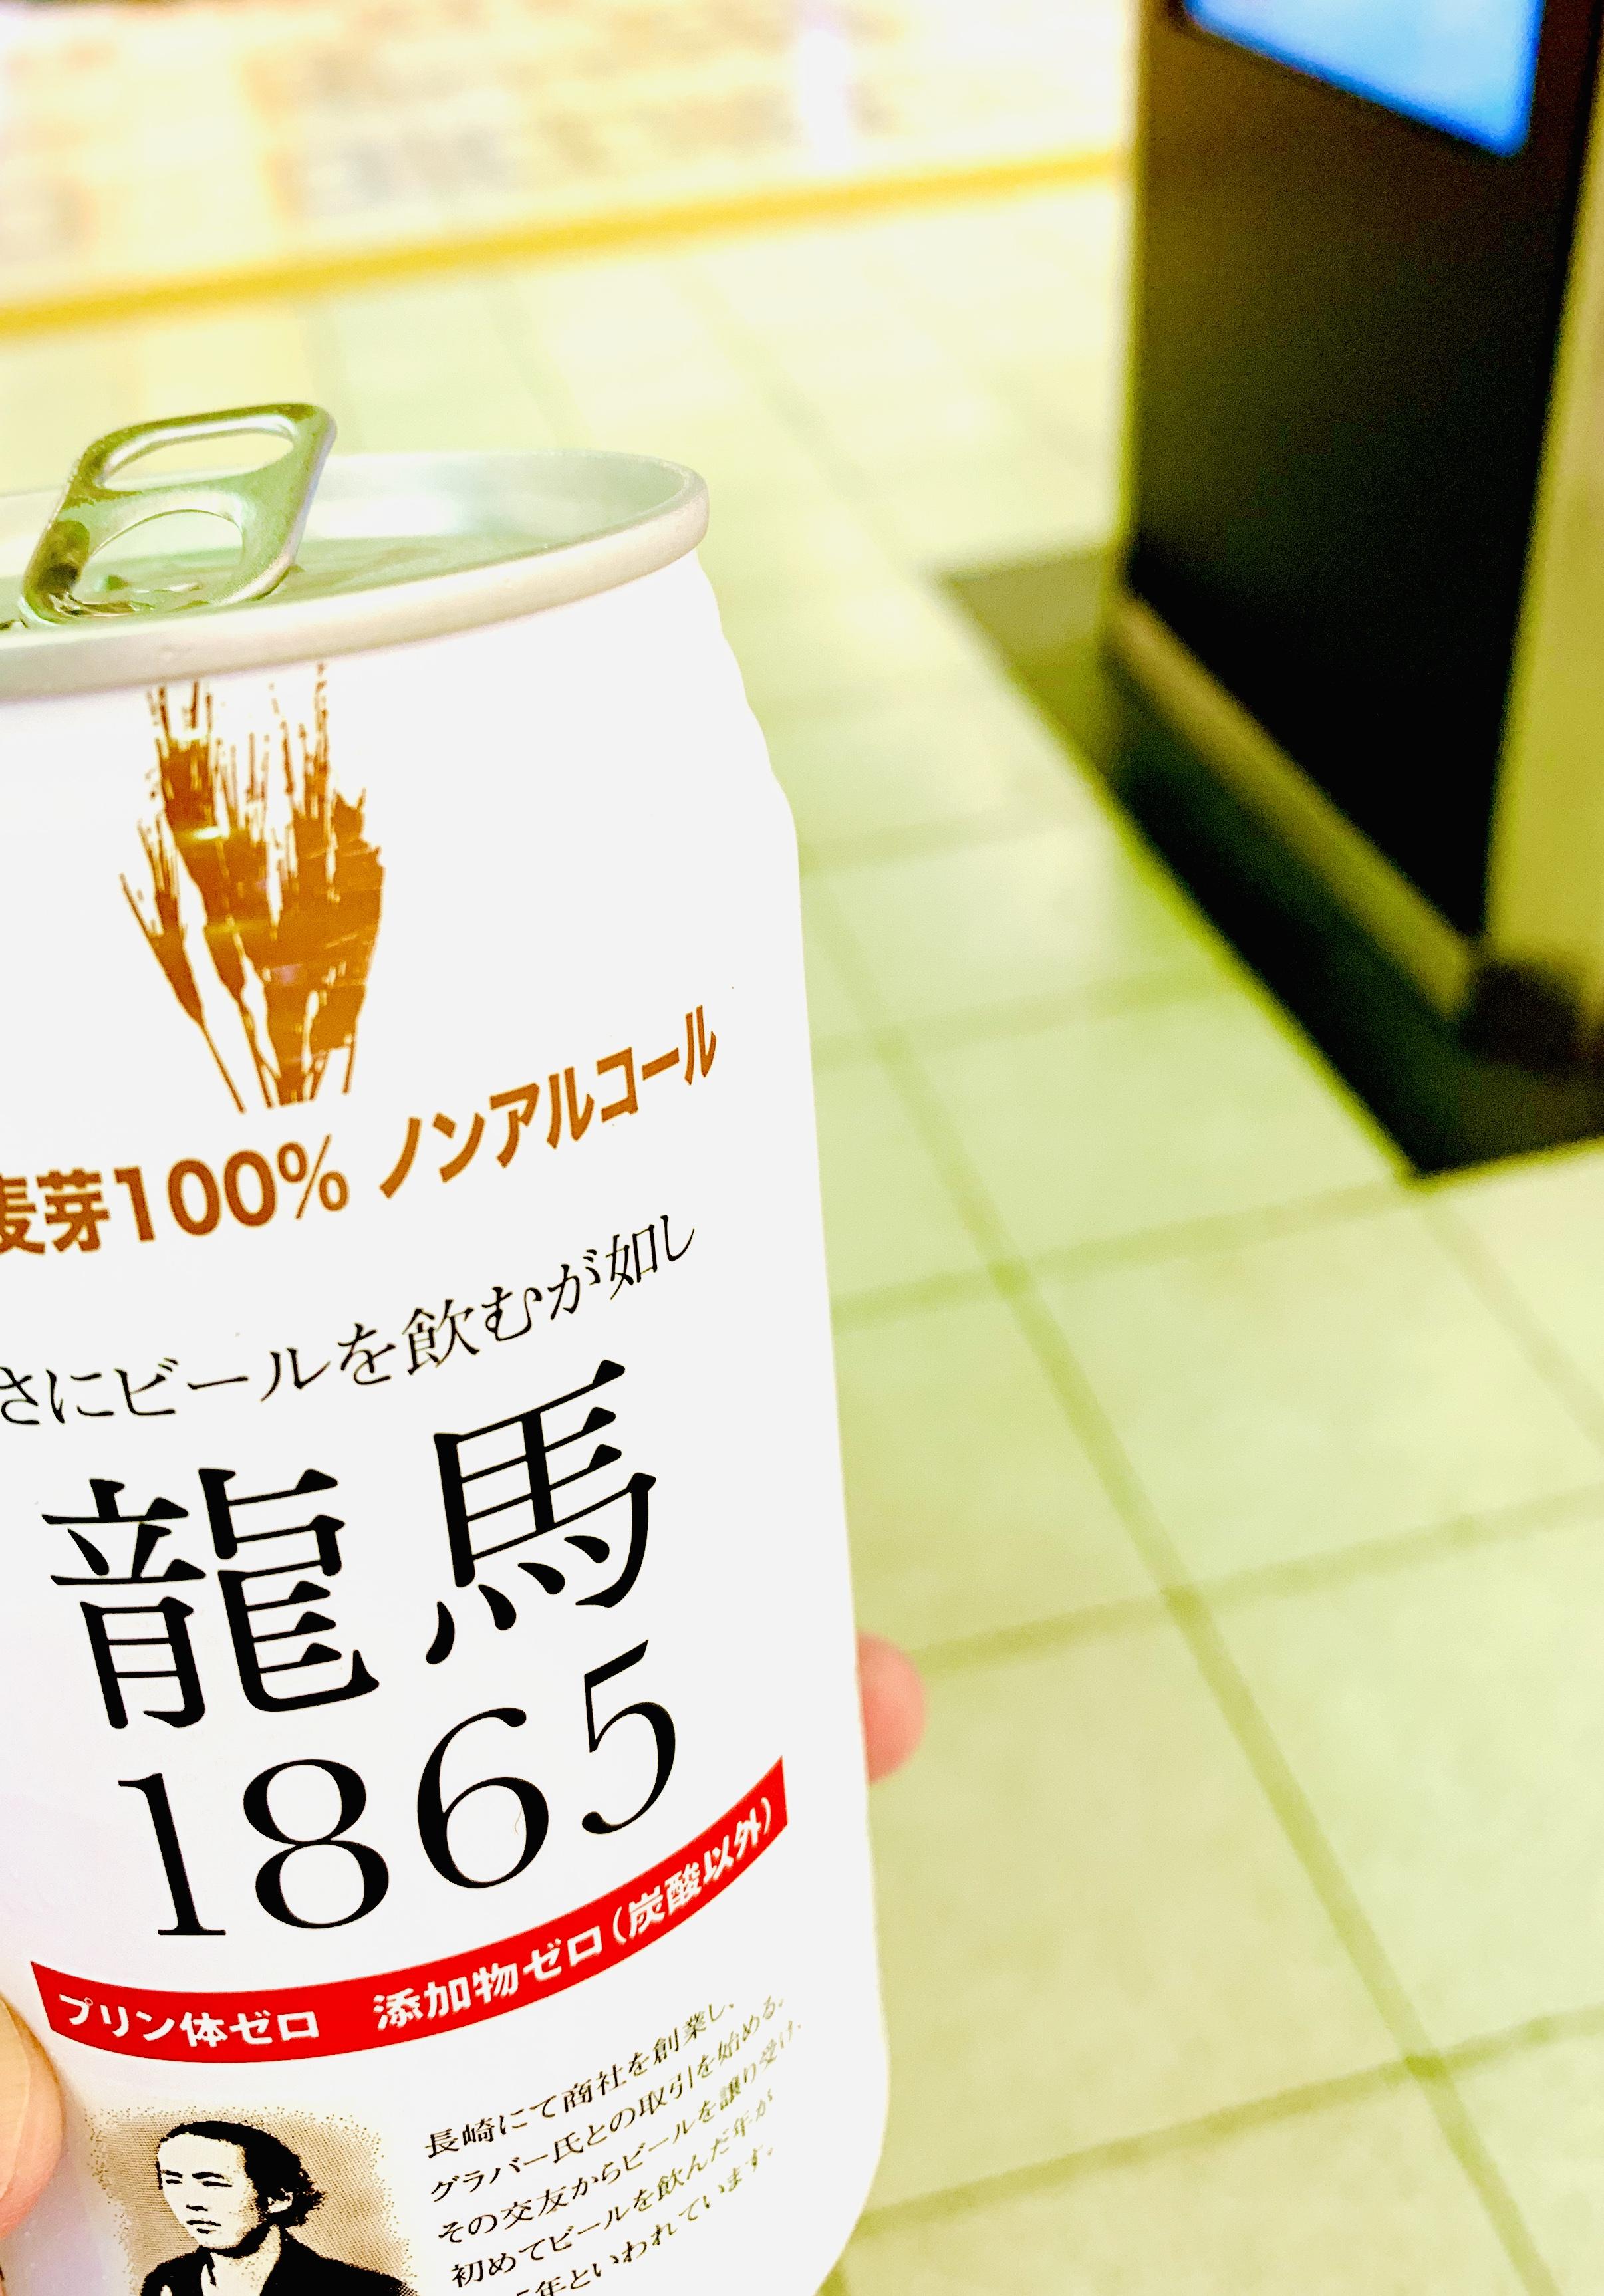 龍馬ノンアルコールビールとマーケティング|行政書士阿部総合事務所